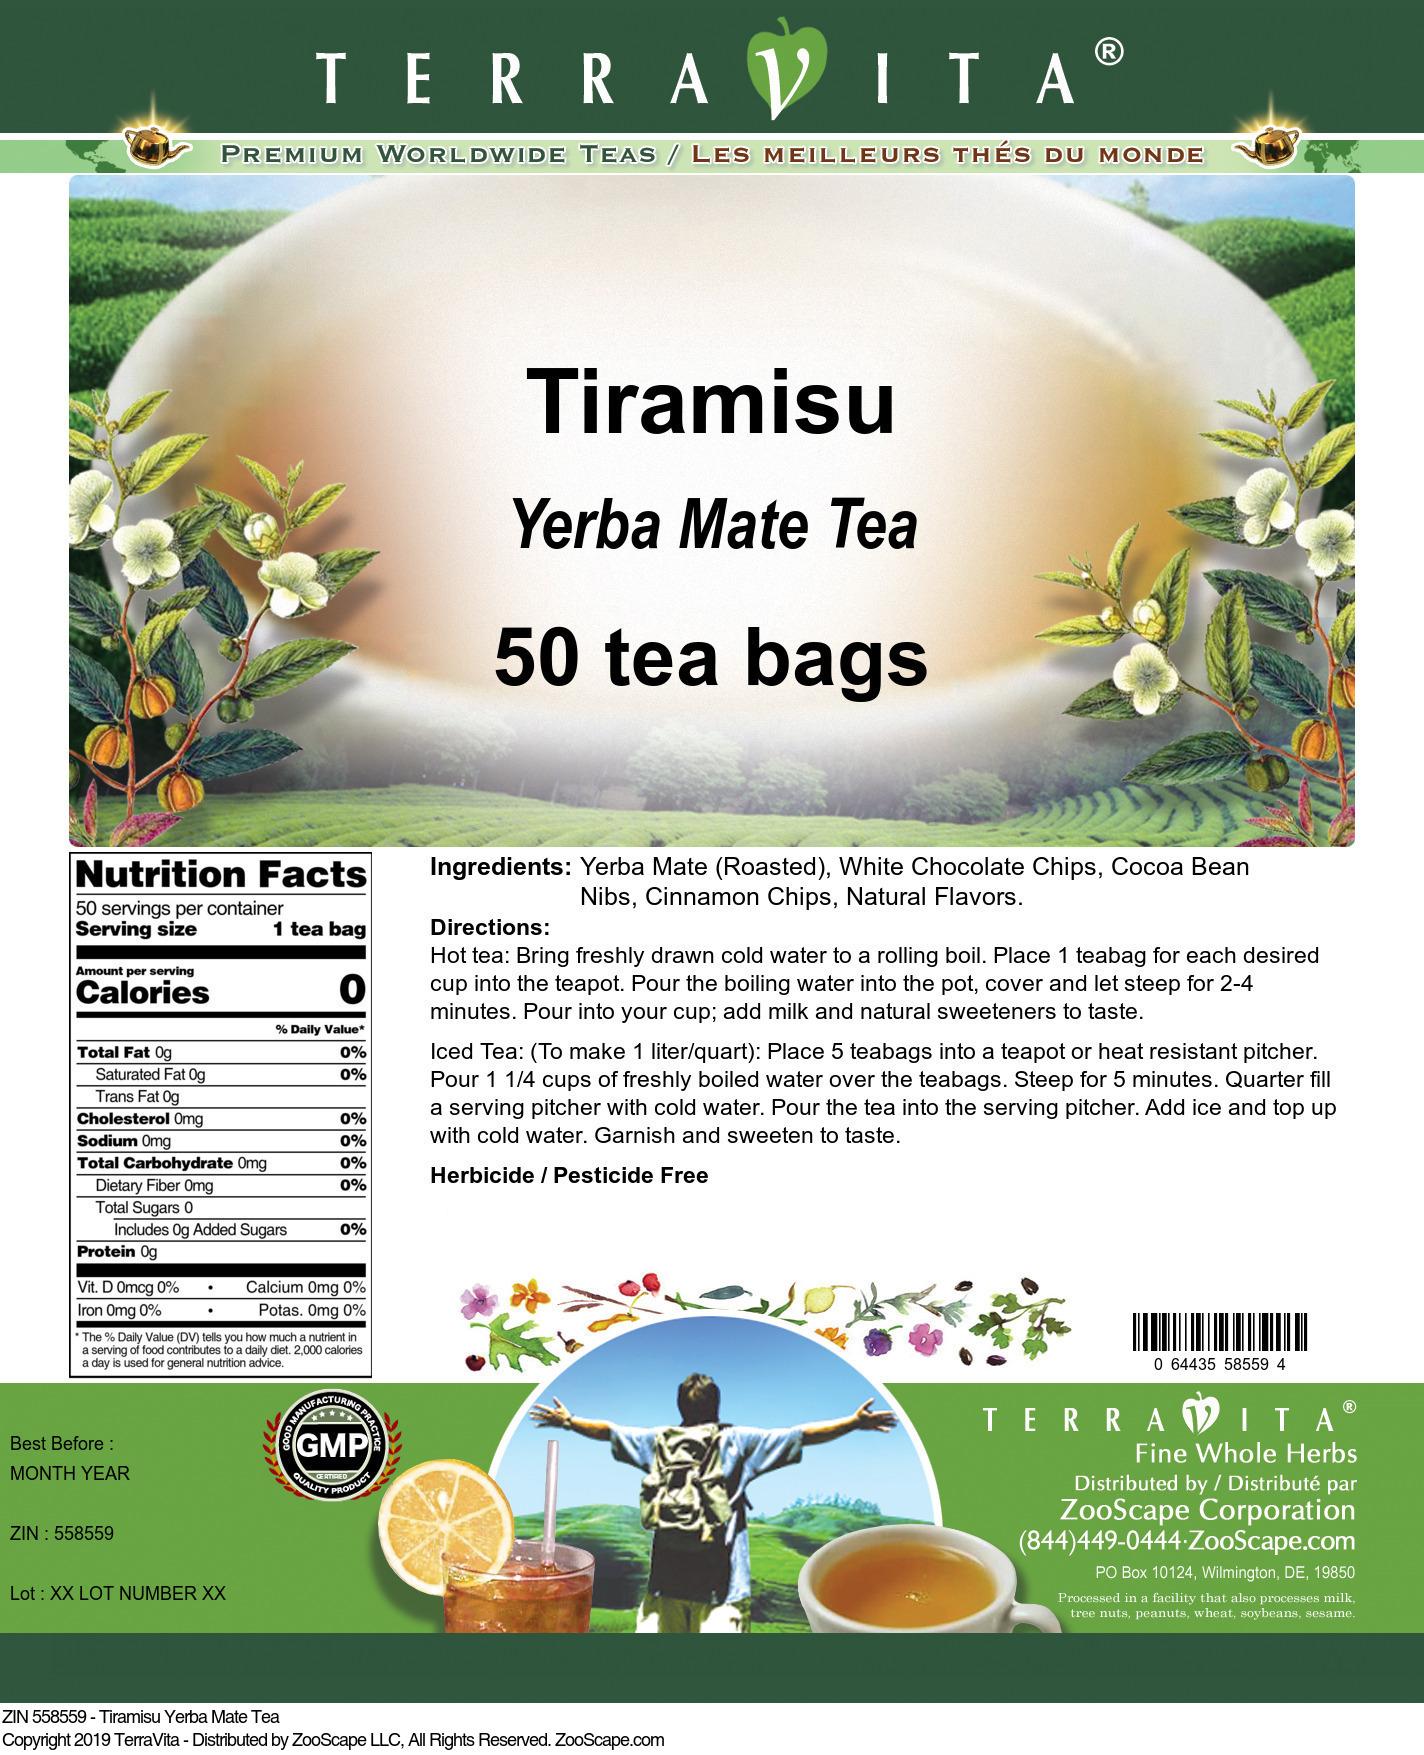 Tiramisu Yerba Mate Tea